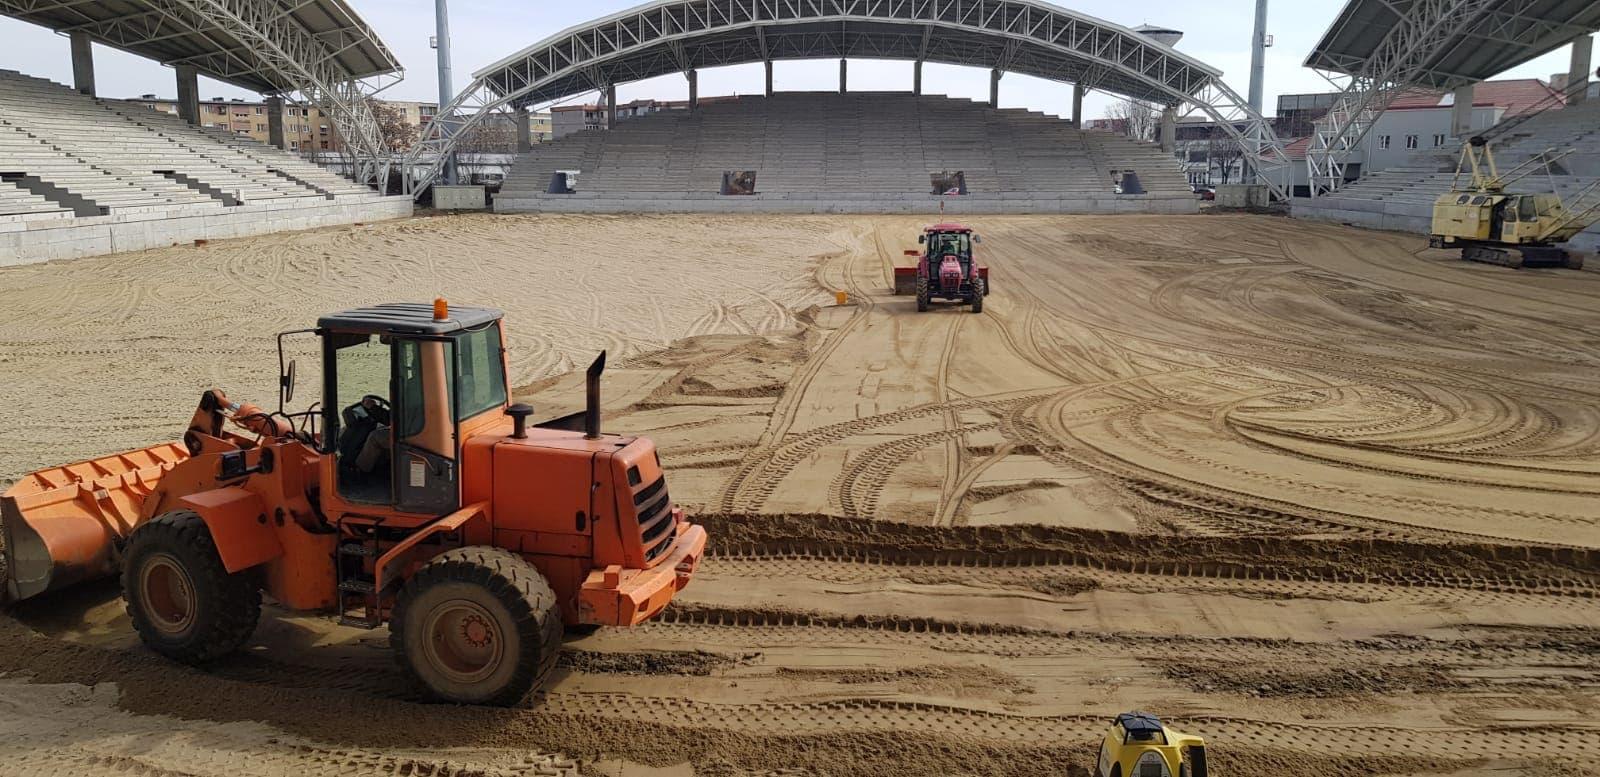 """Marin Lupaş, despre noul stadion: """"Toți suporterii avem nevoie de răspunsuri clare"""""""